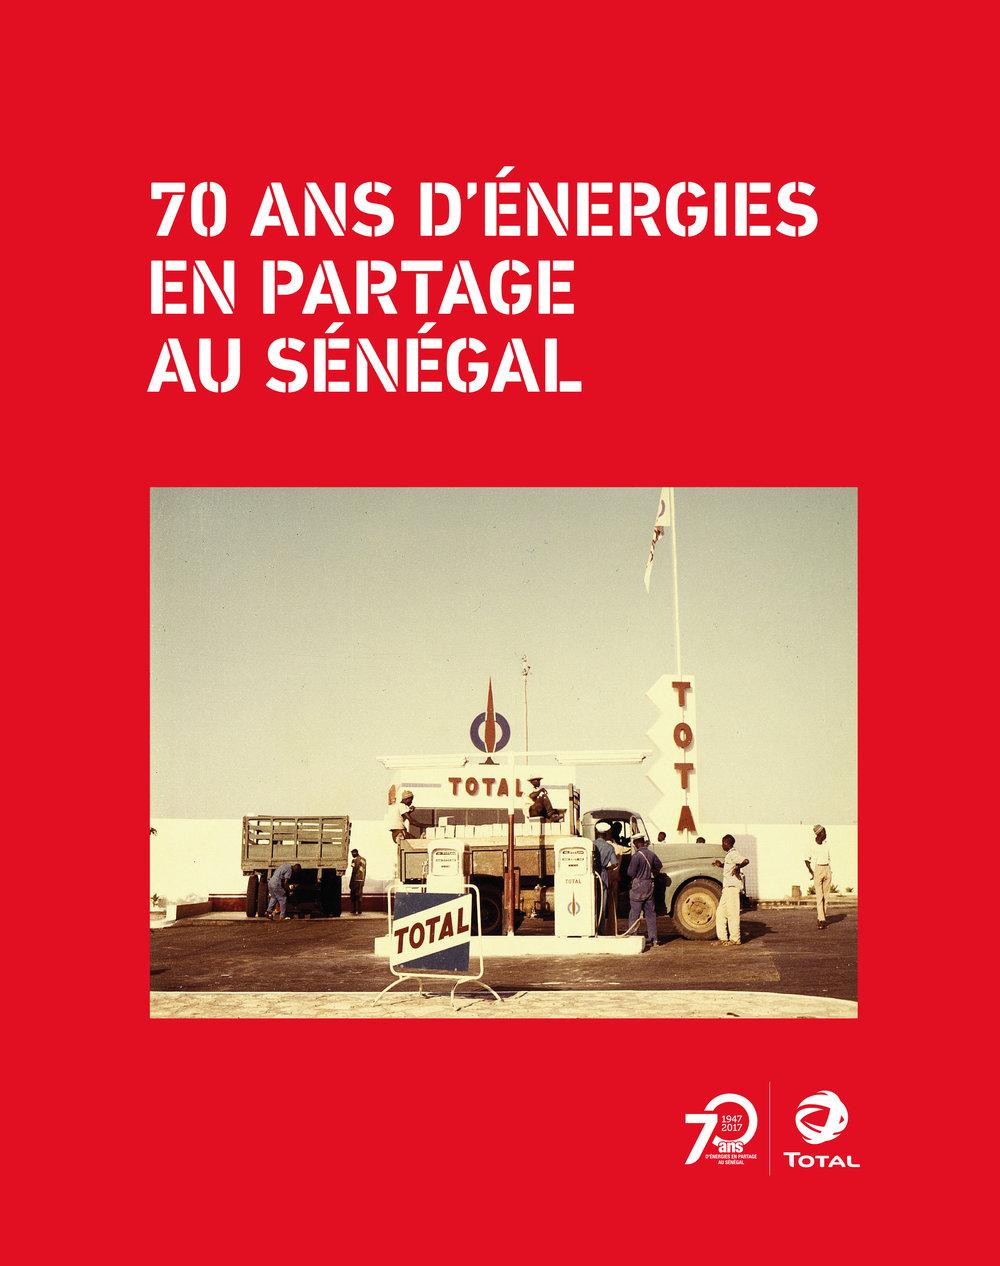 Total70 ans d'énergies en partageau Sénégal - Corporate Book Design for French Oil Company Total.Client: Total / Éditions Textuel